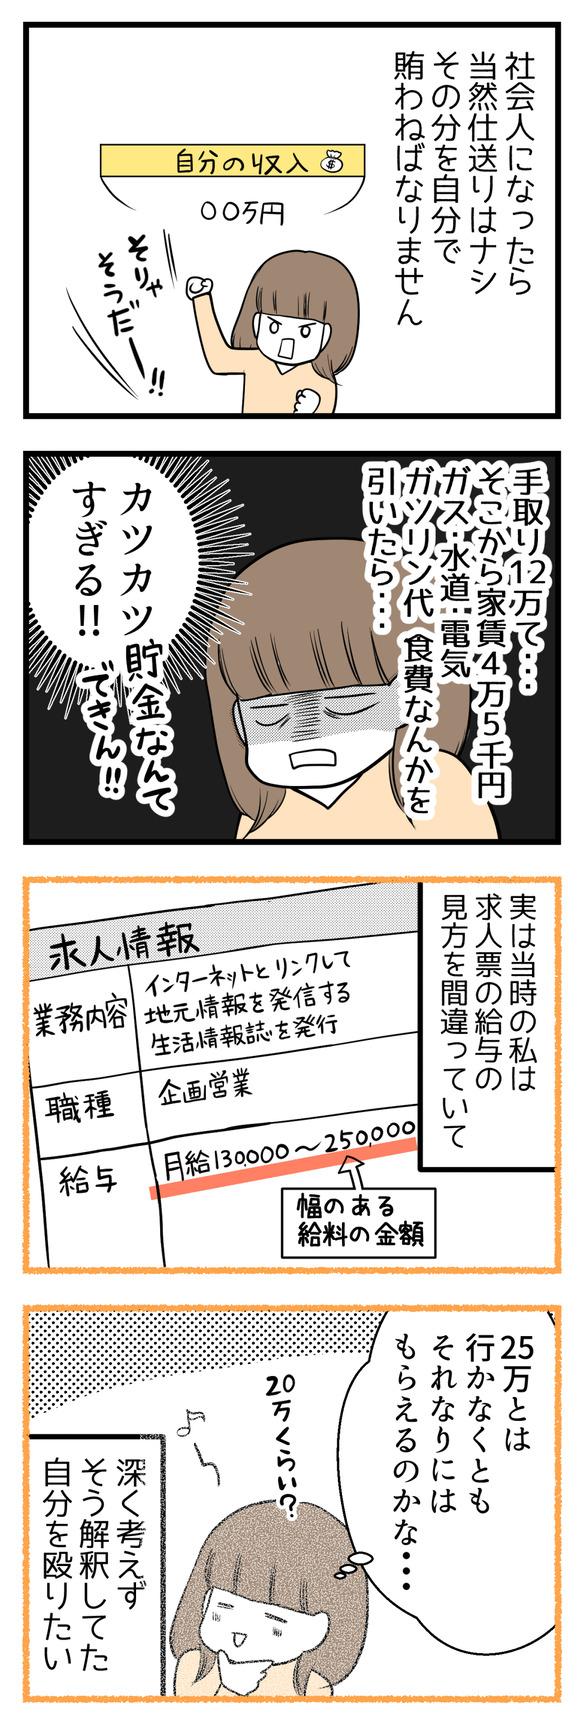 【社会人編】はじまり4_4_4